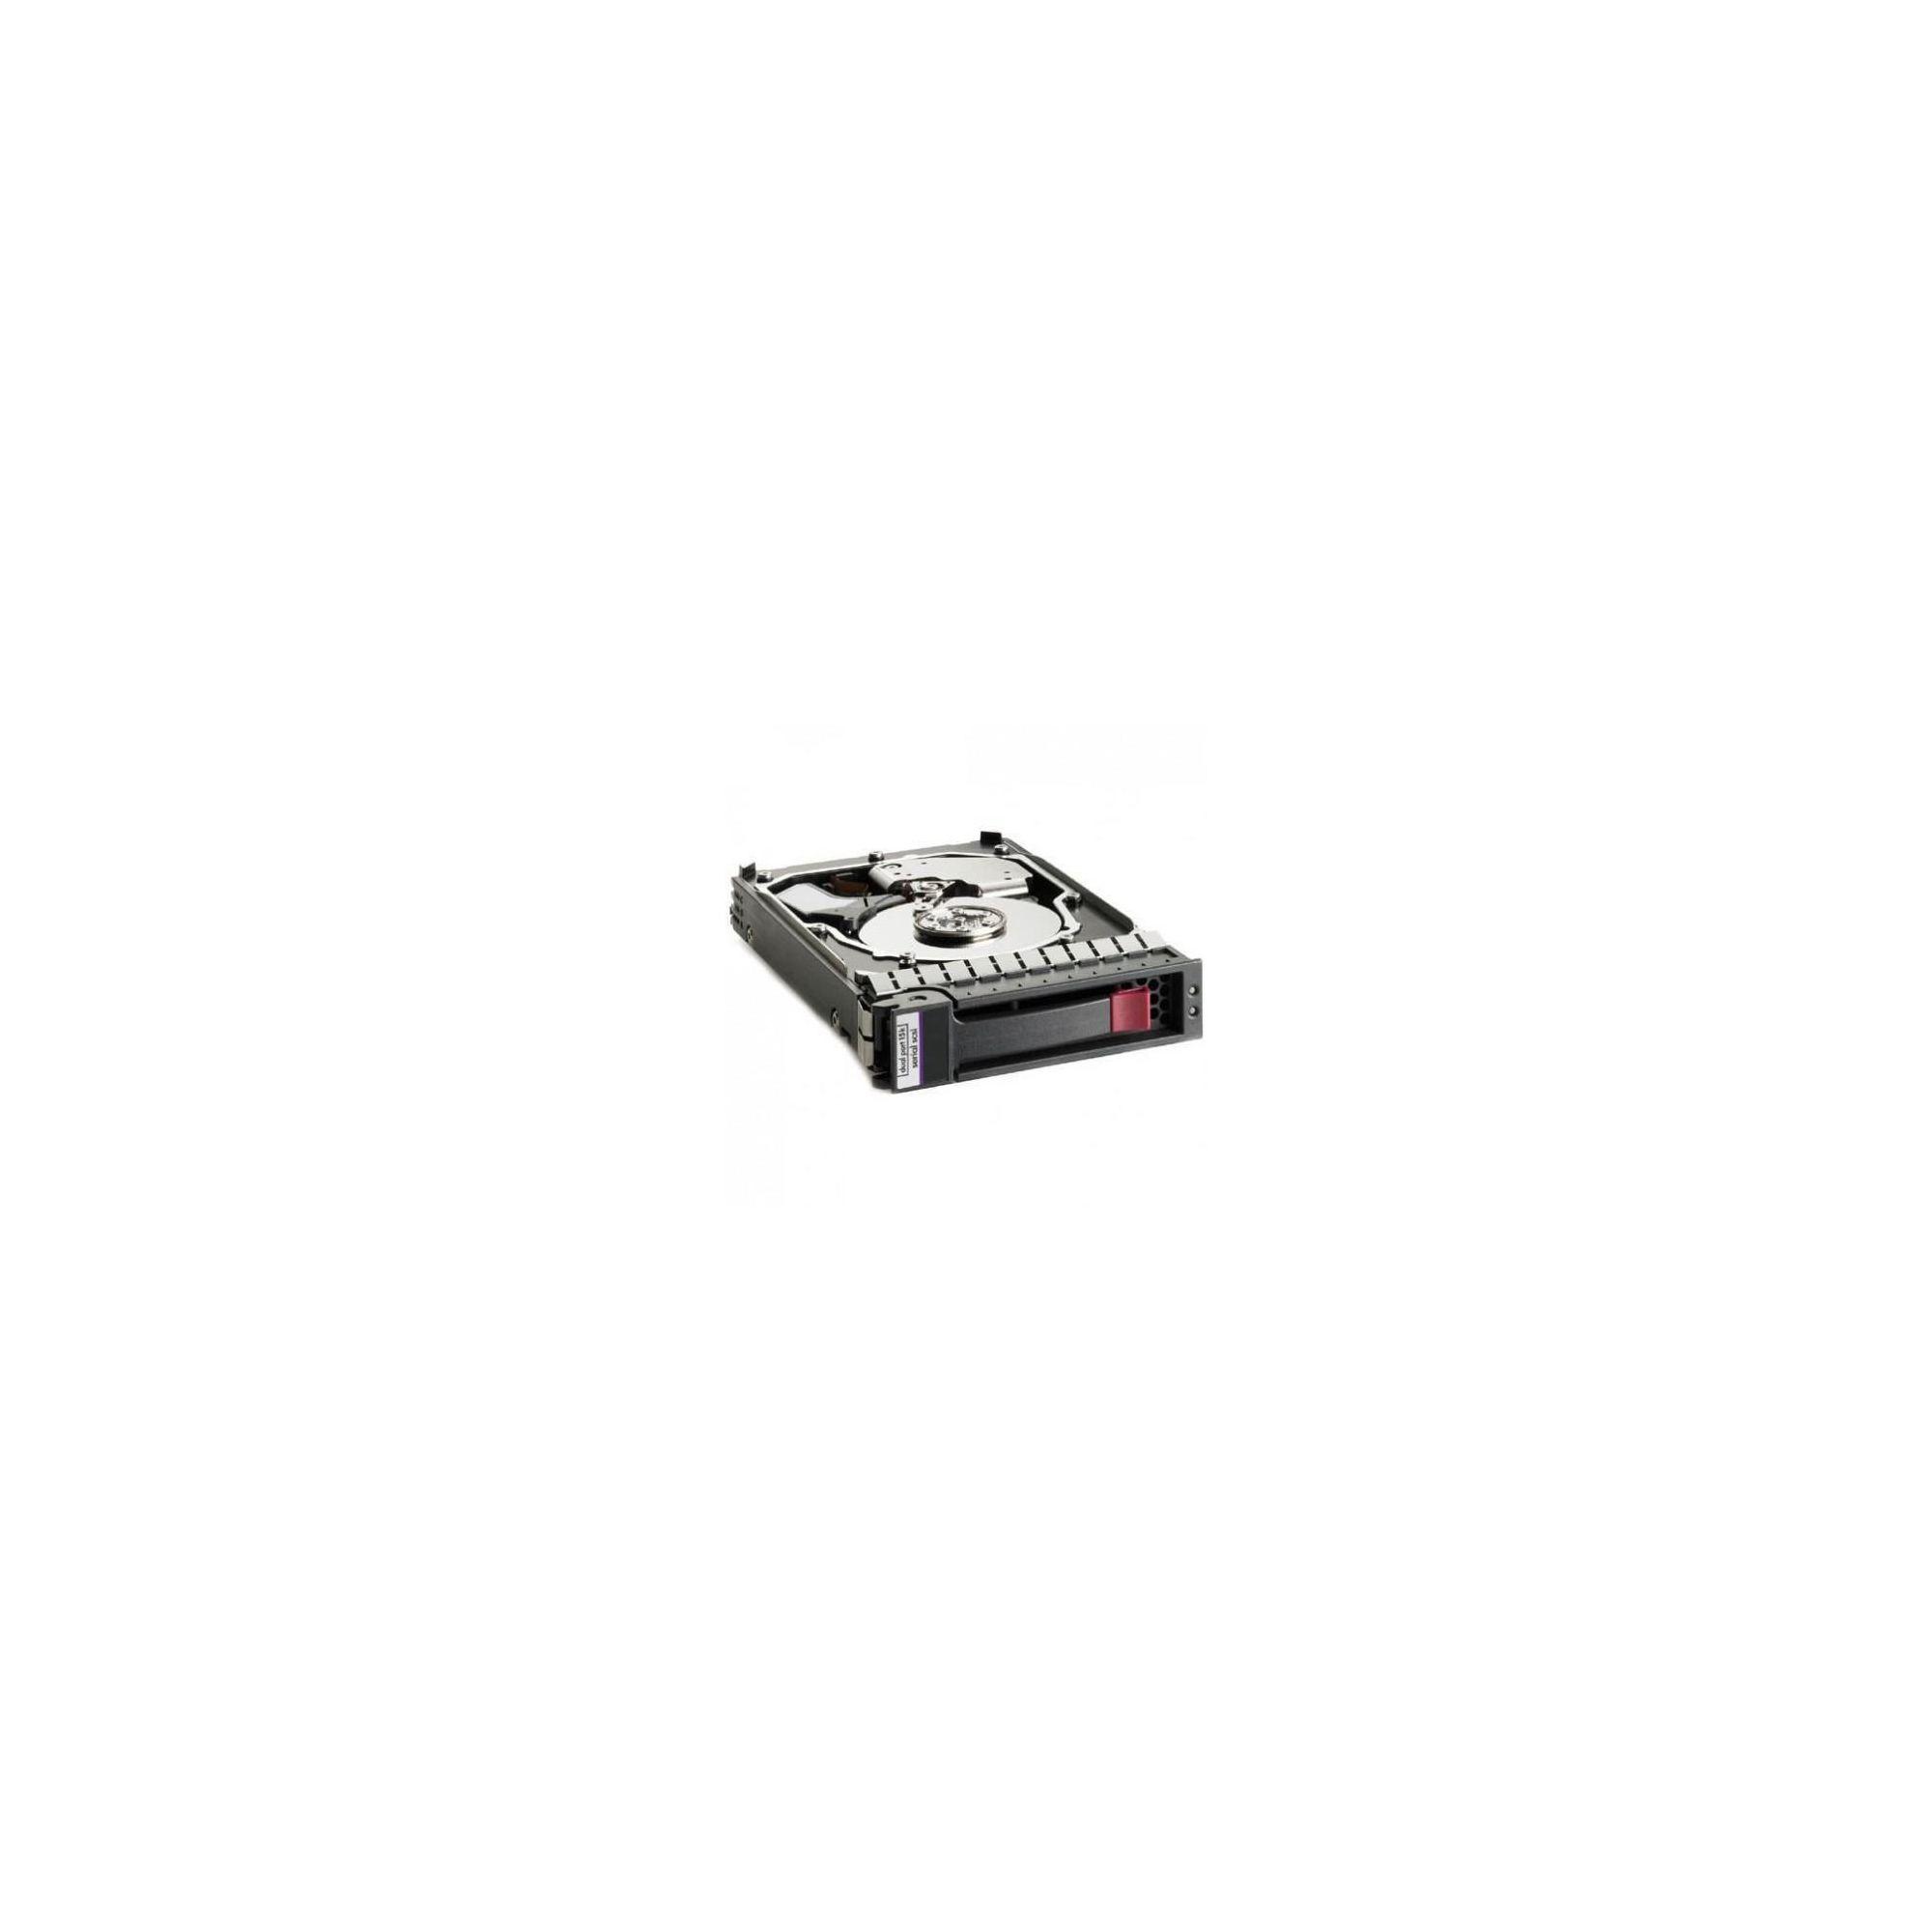 1TB 3G SATA 7.2K rpm SFF (2.5-inch) Midline 1yr Warranty Hard Drive at Tesco Direct